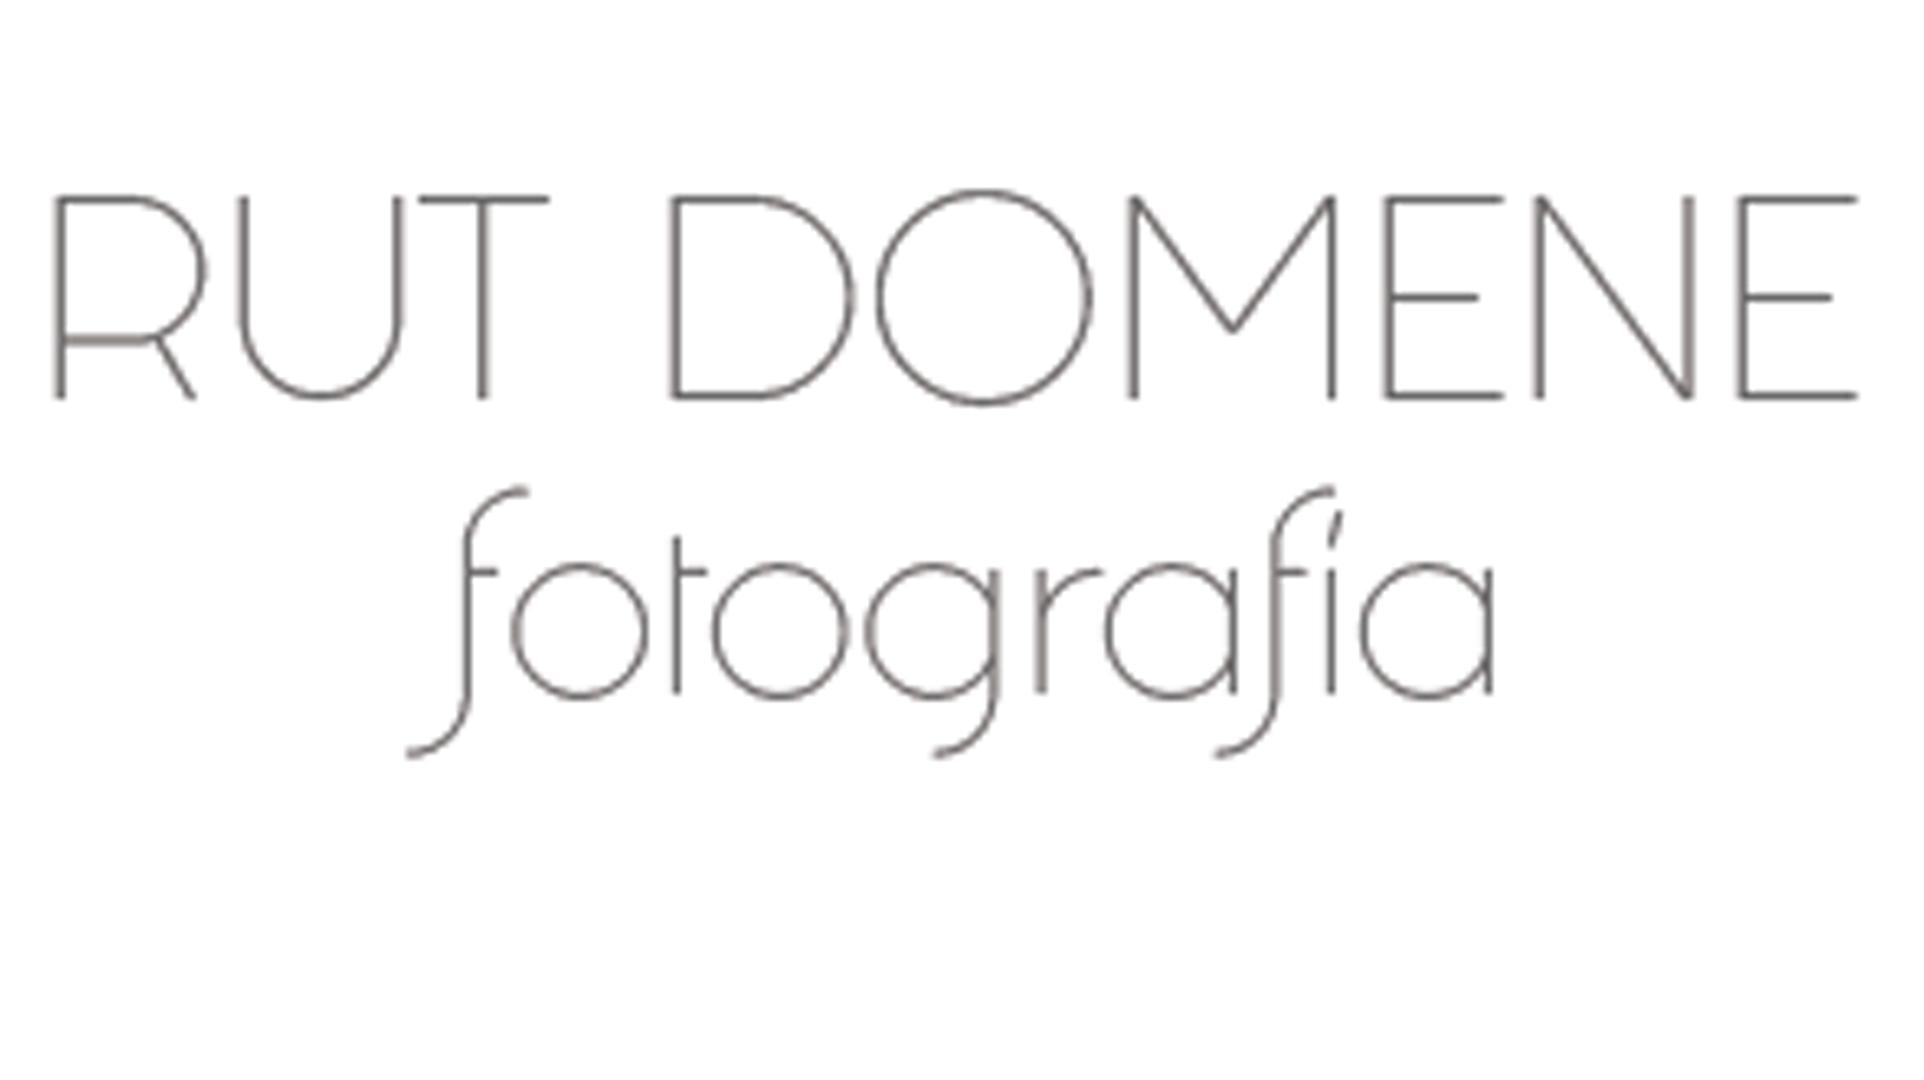 Rut Domene Fotografo